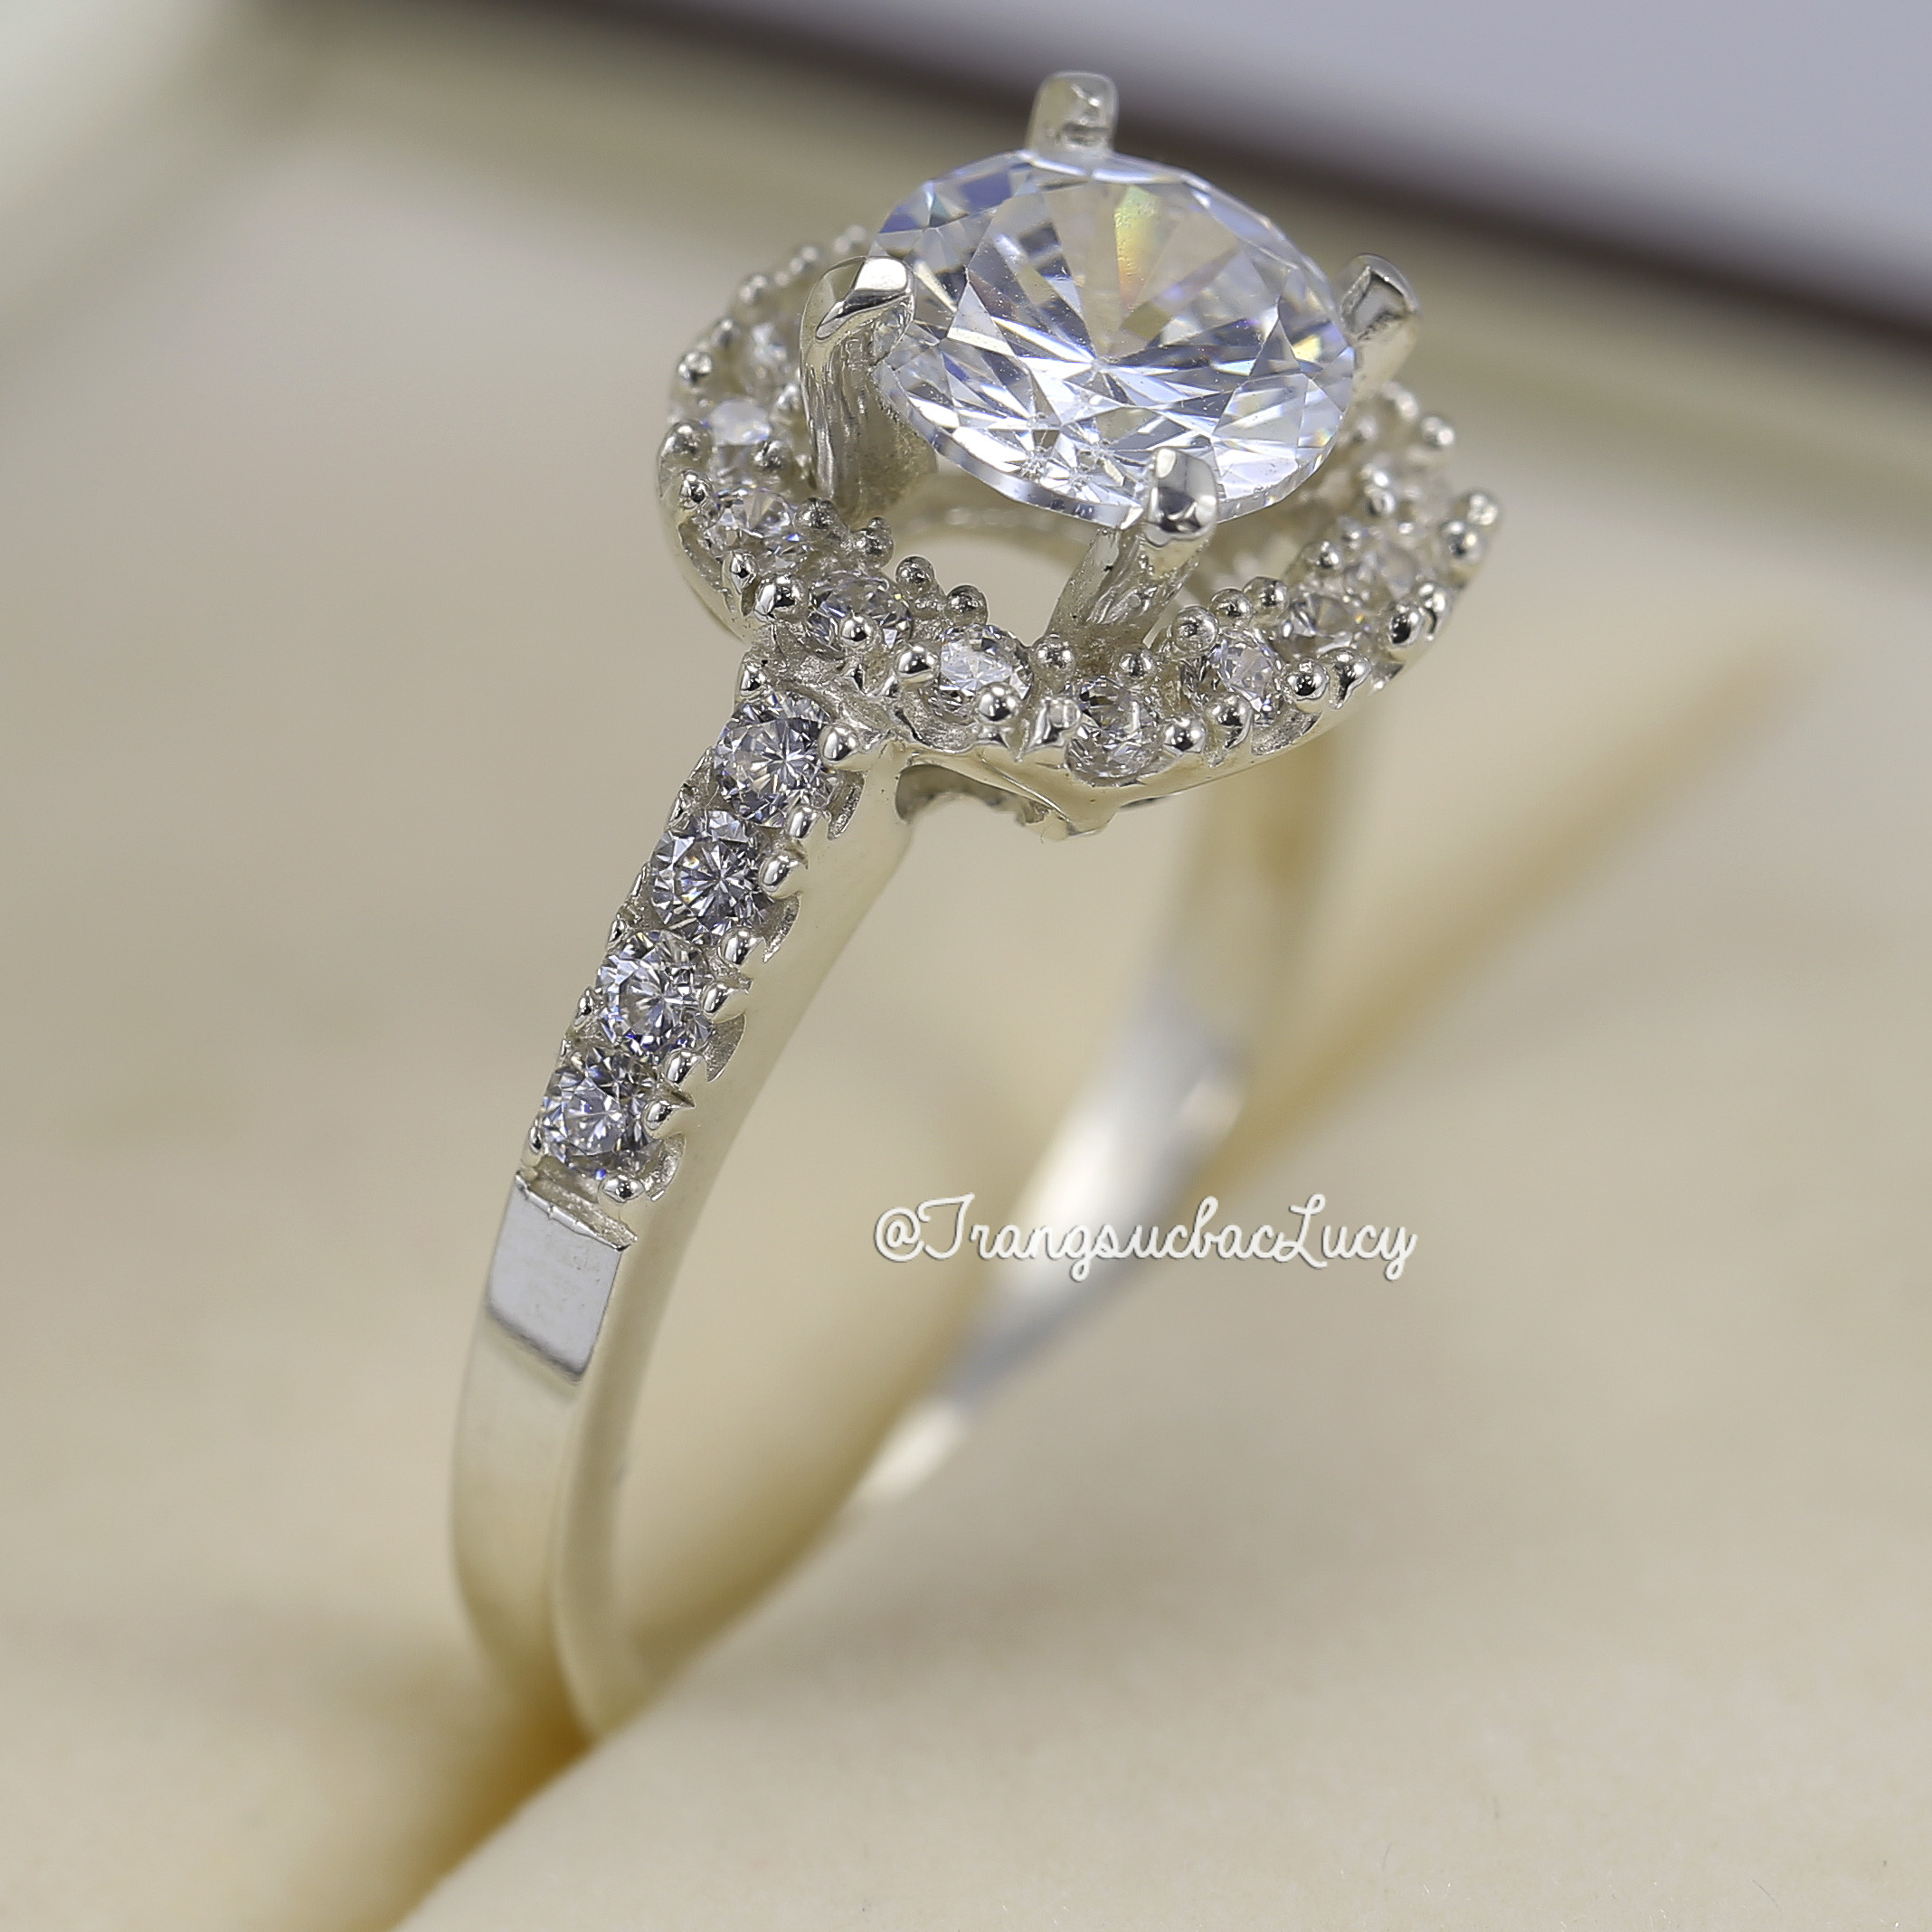 Nhẫn bạc nữ đẹp - RW179